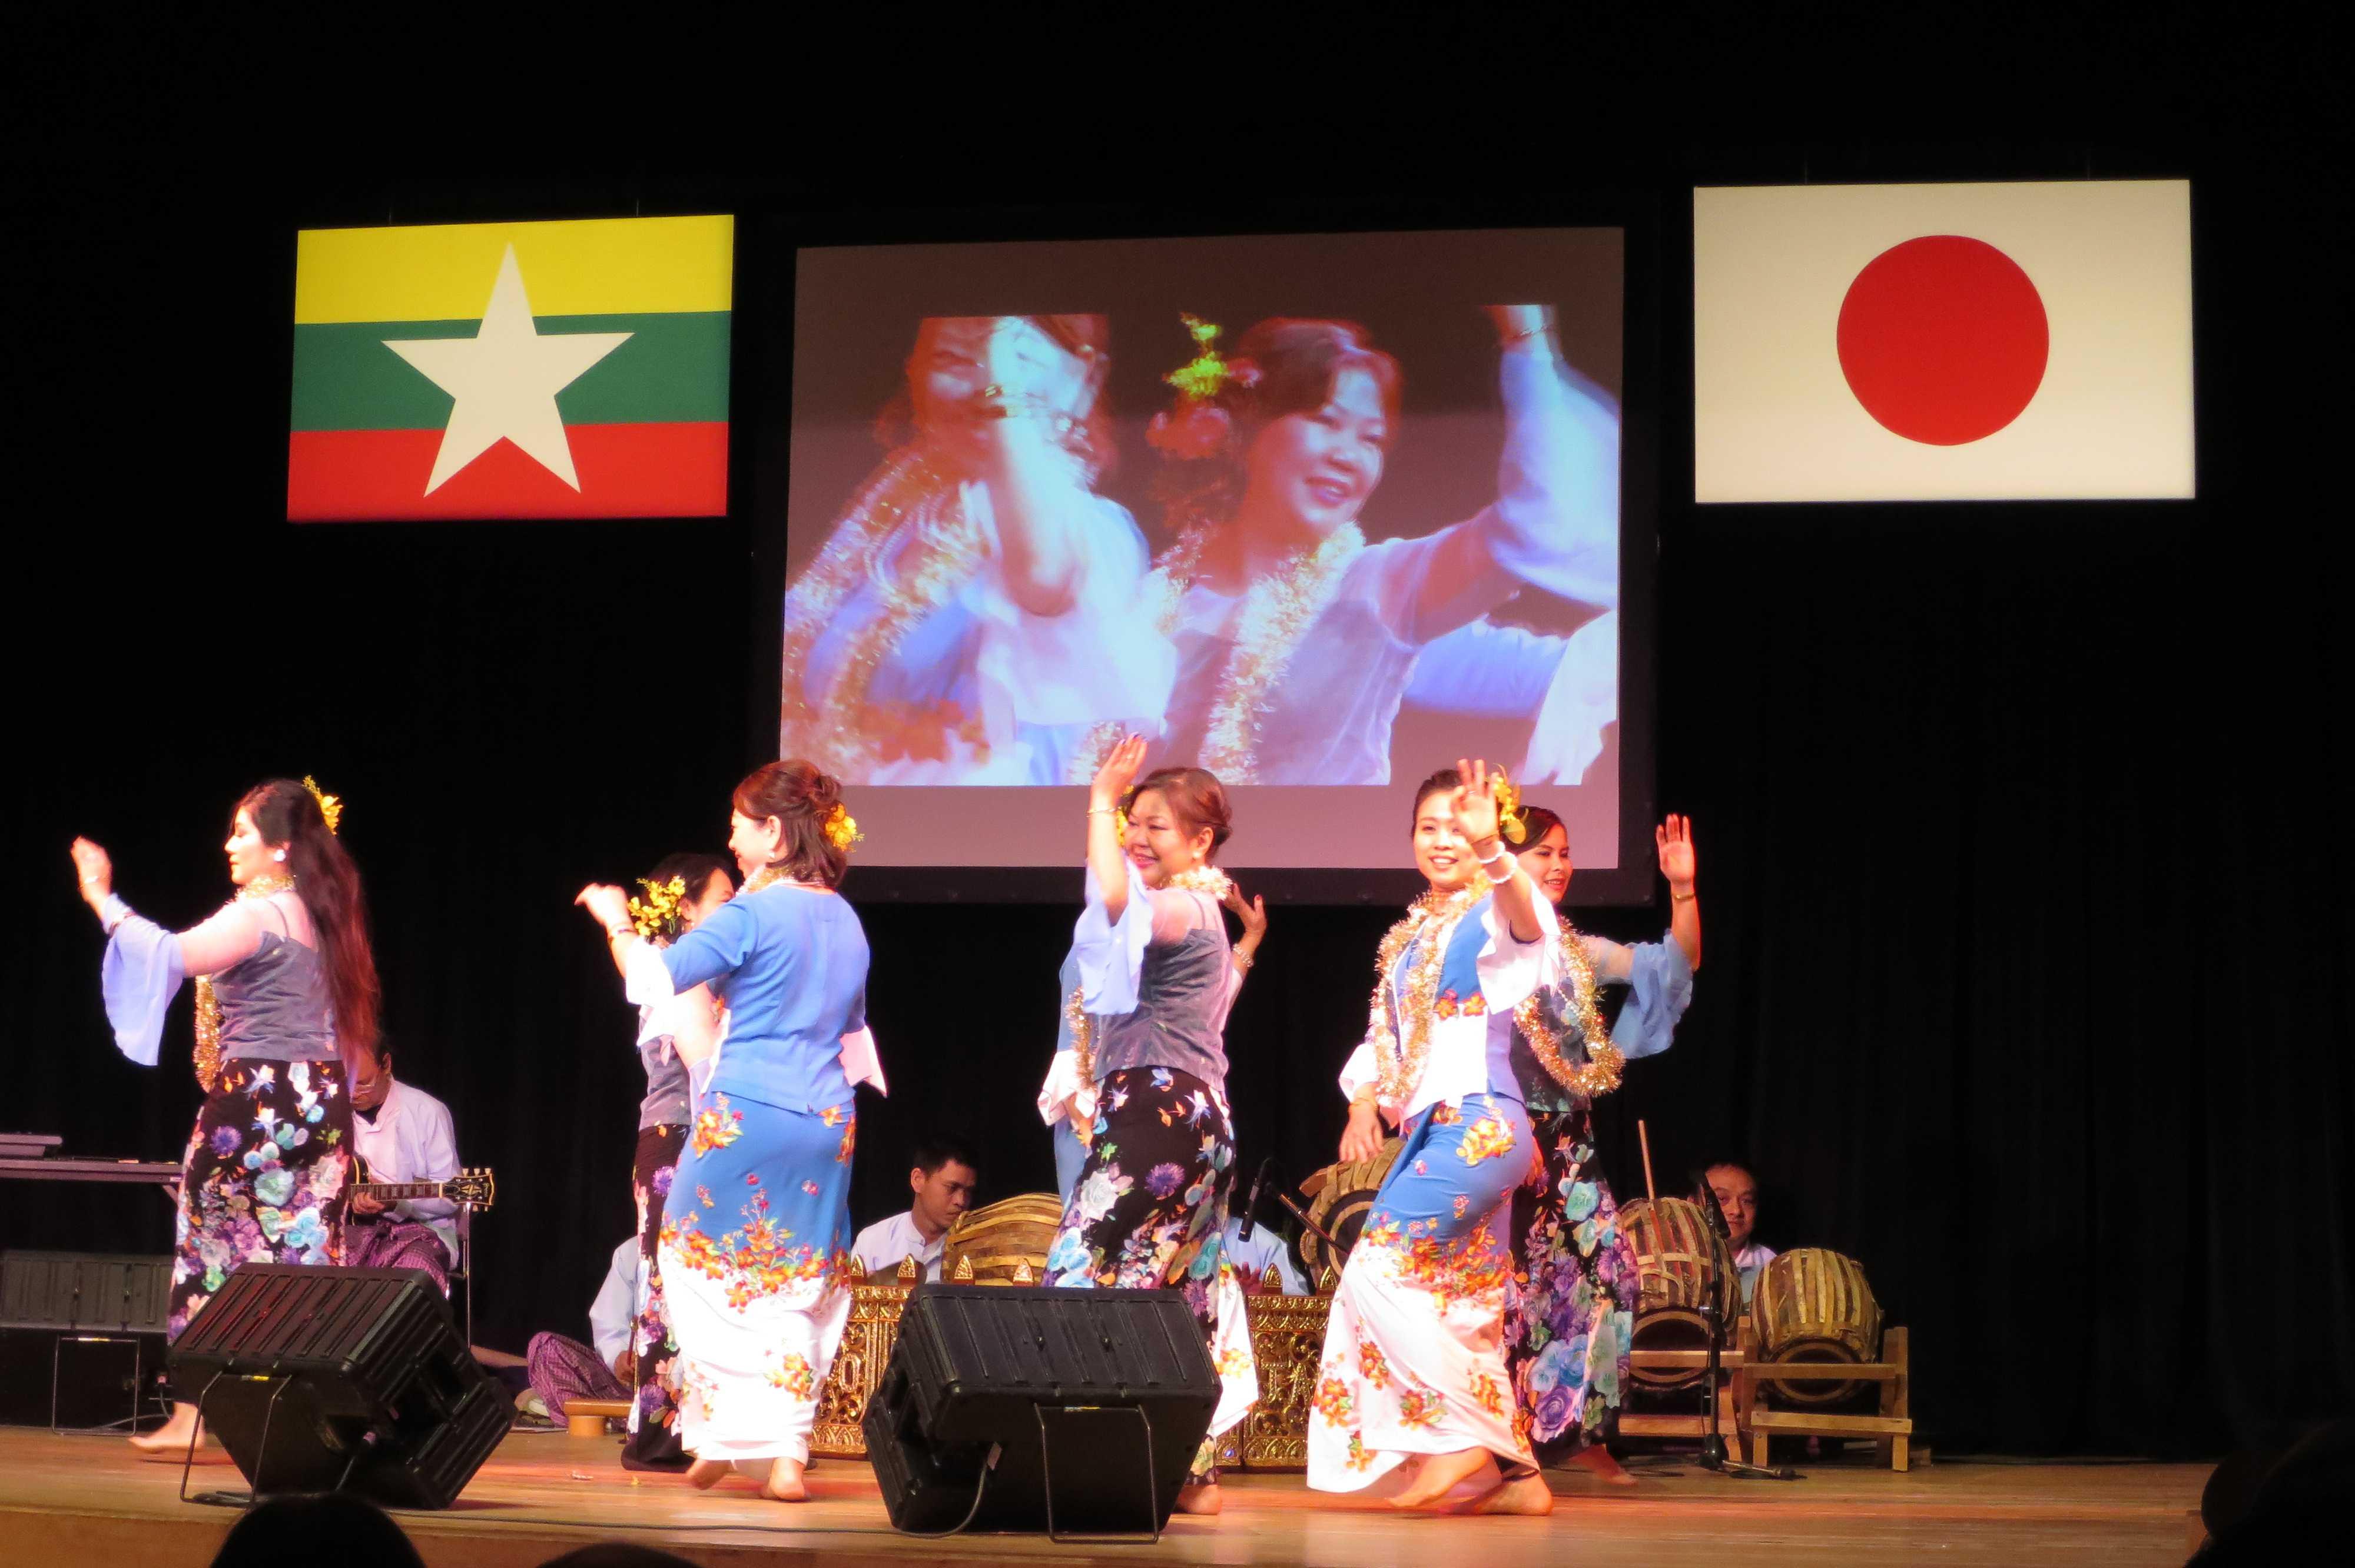 ミャンマー伝統芸能 - ミャンマー祭り2016